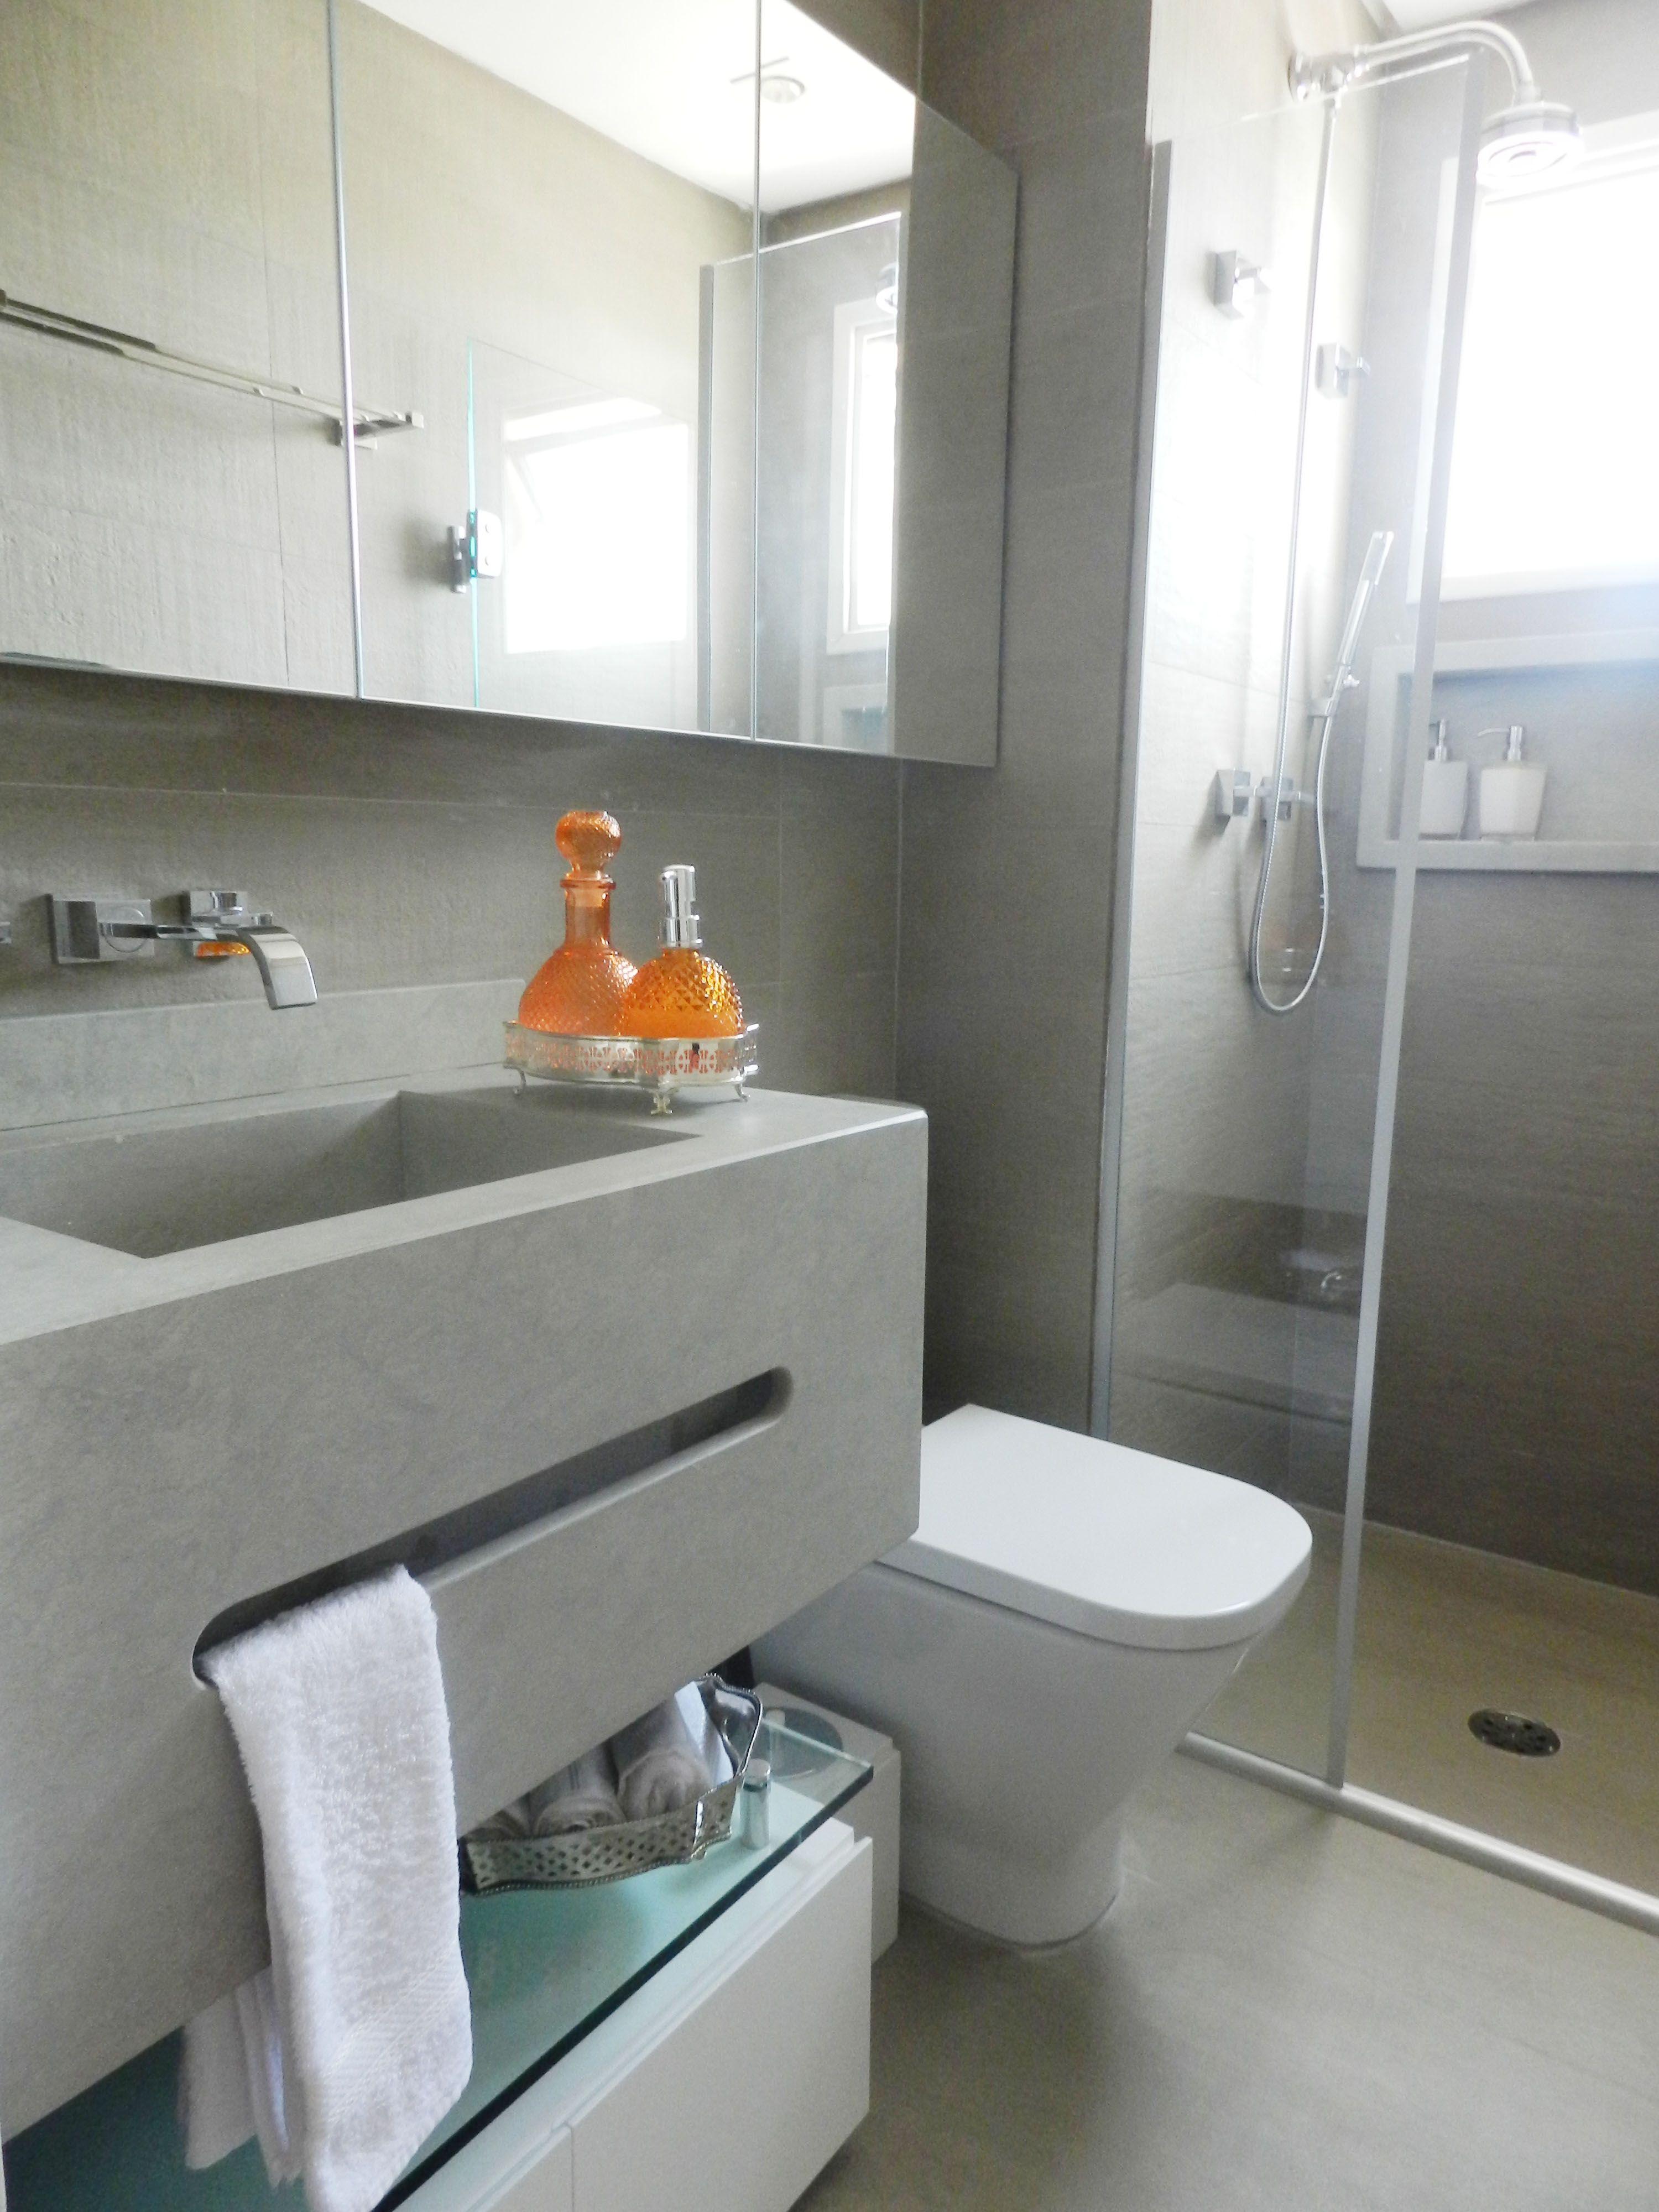 Cinza com cuba embutida e armário espelhado em toda parede da pia  Banheiro -> Cuba Pia Banheiro Cinza